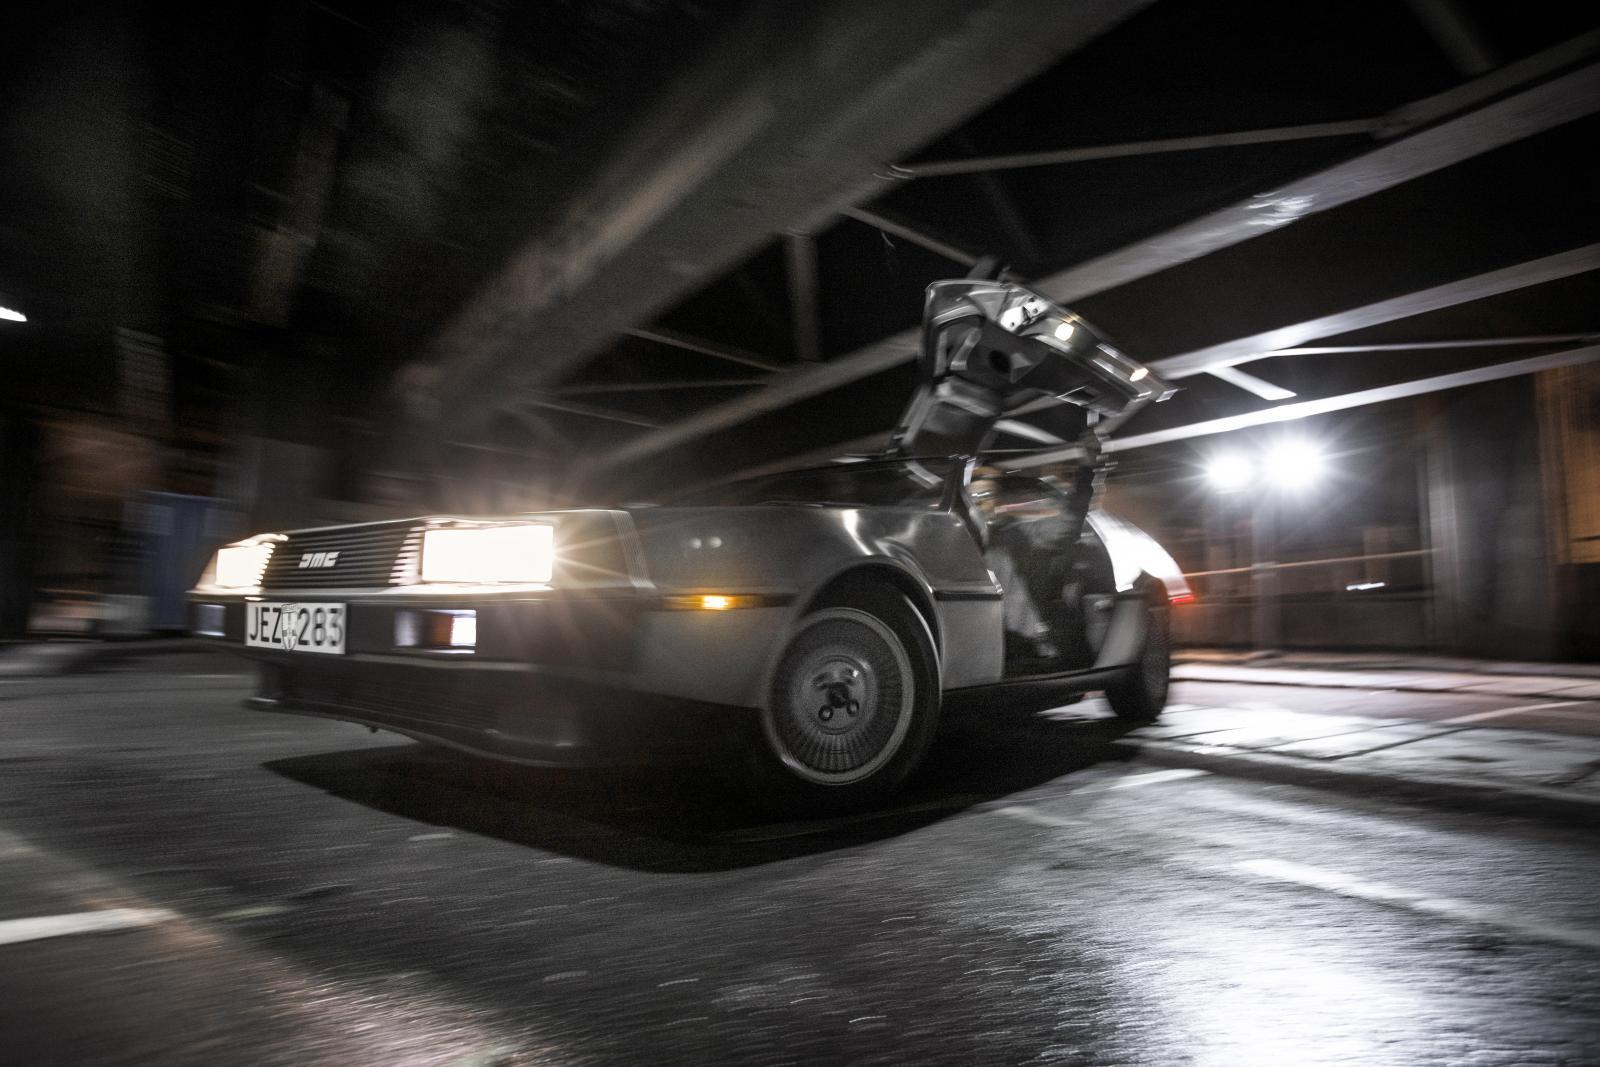 DeLorean DMC-12: Sportbilsdrömmen som slutade med kokainskandal